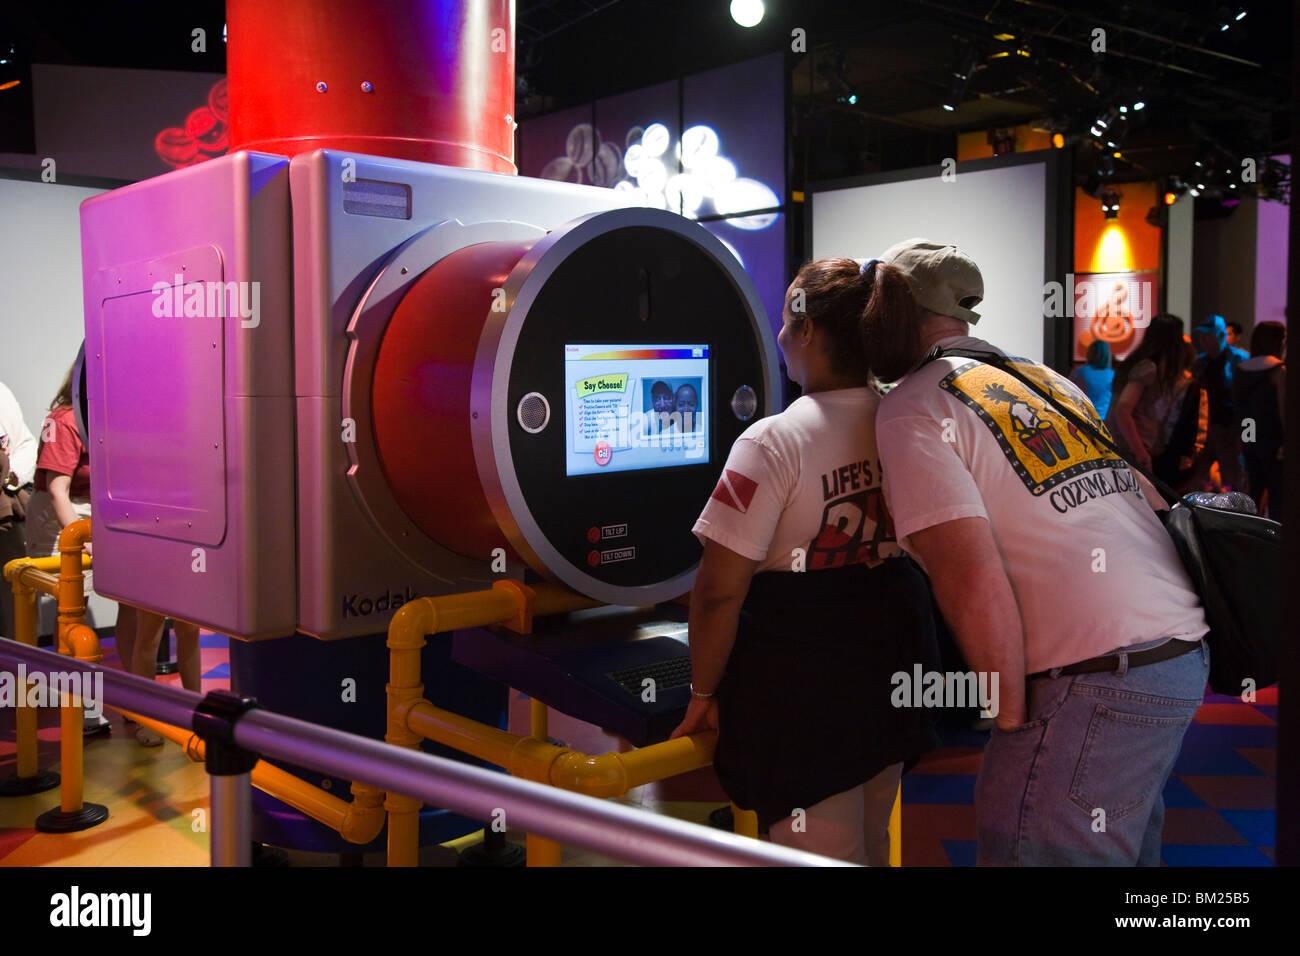 Kissimmee, FL - Jan 2009 - Les clients utilisent l'équipement Kodak pour prendre des photos d'eux-mêmes Photo Stock